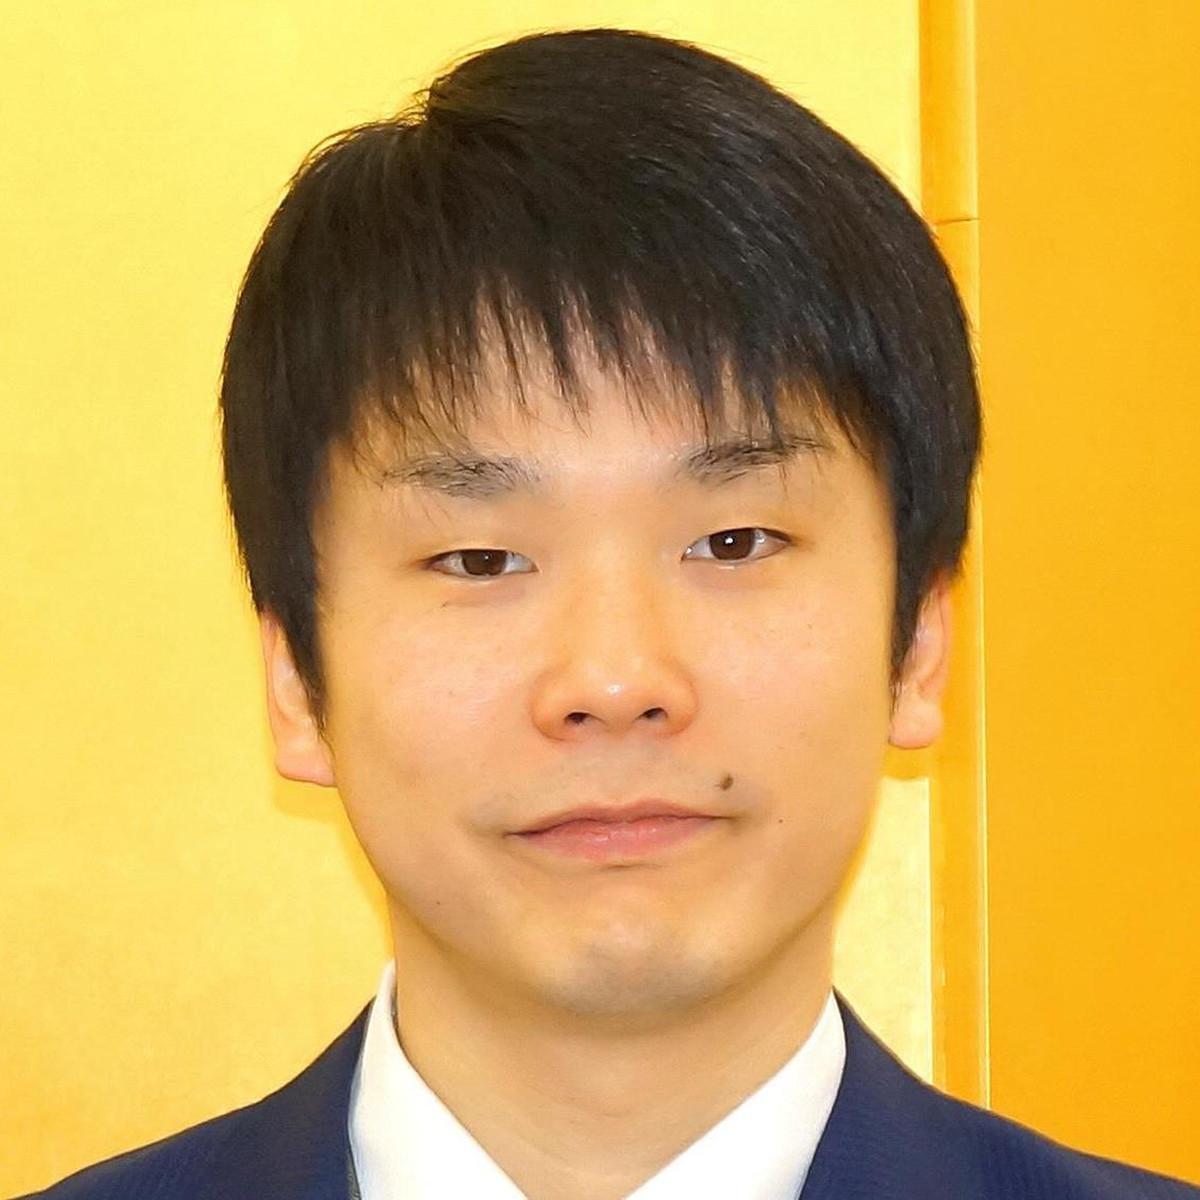 かまいたち濱家、コーンロウへアの妻の写真を公開「カッコよすぎ」「ガチストリートダンサー」(スポーツ報知) - Yahoo!ニュース